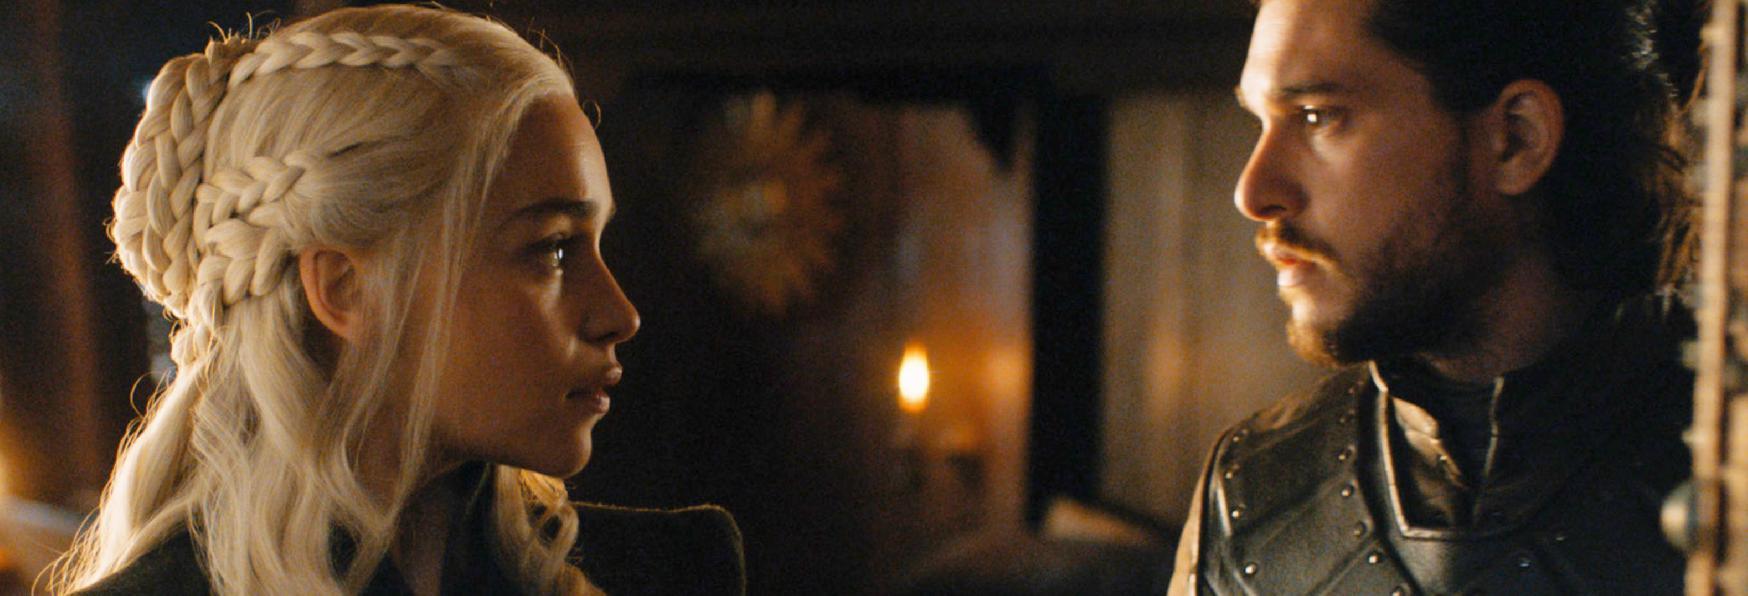 Game of Thrones: svelata la Prima Foto dell'8° Stagione